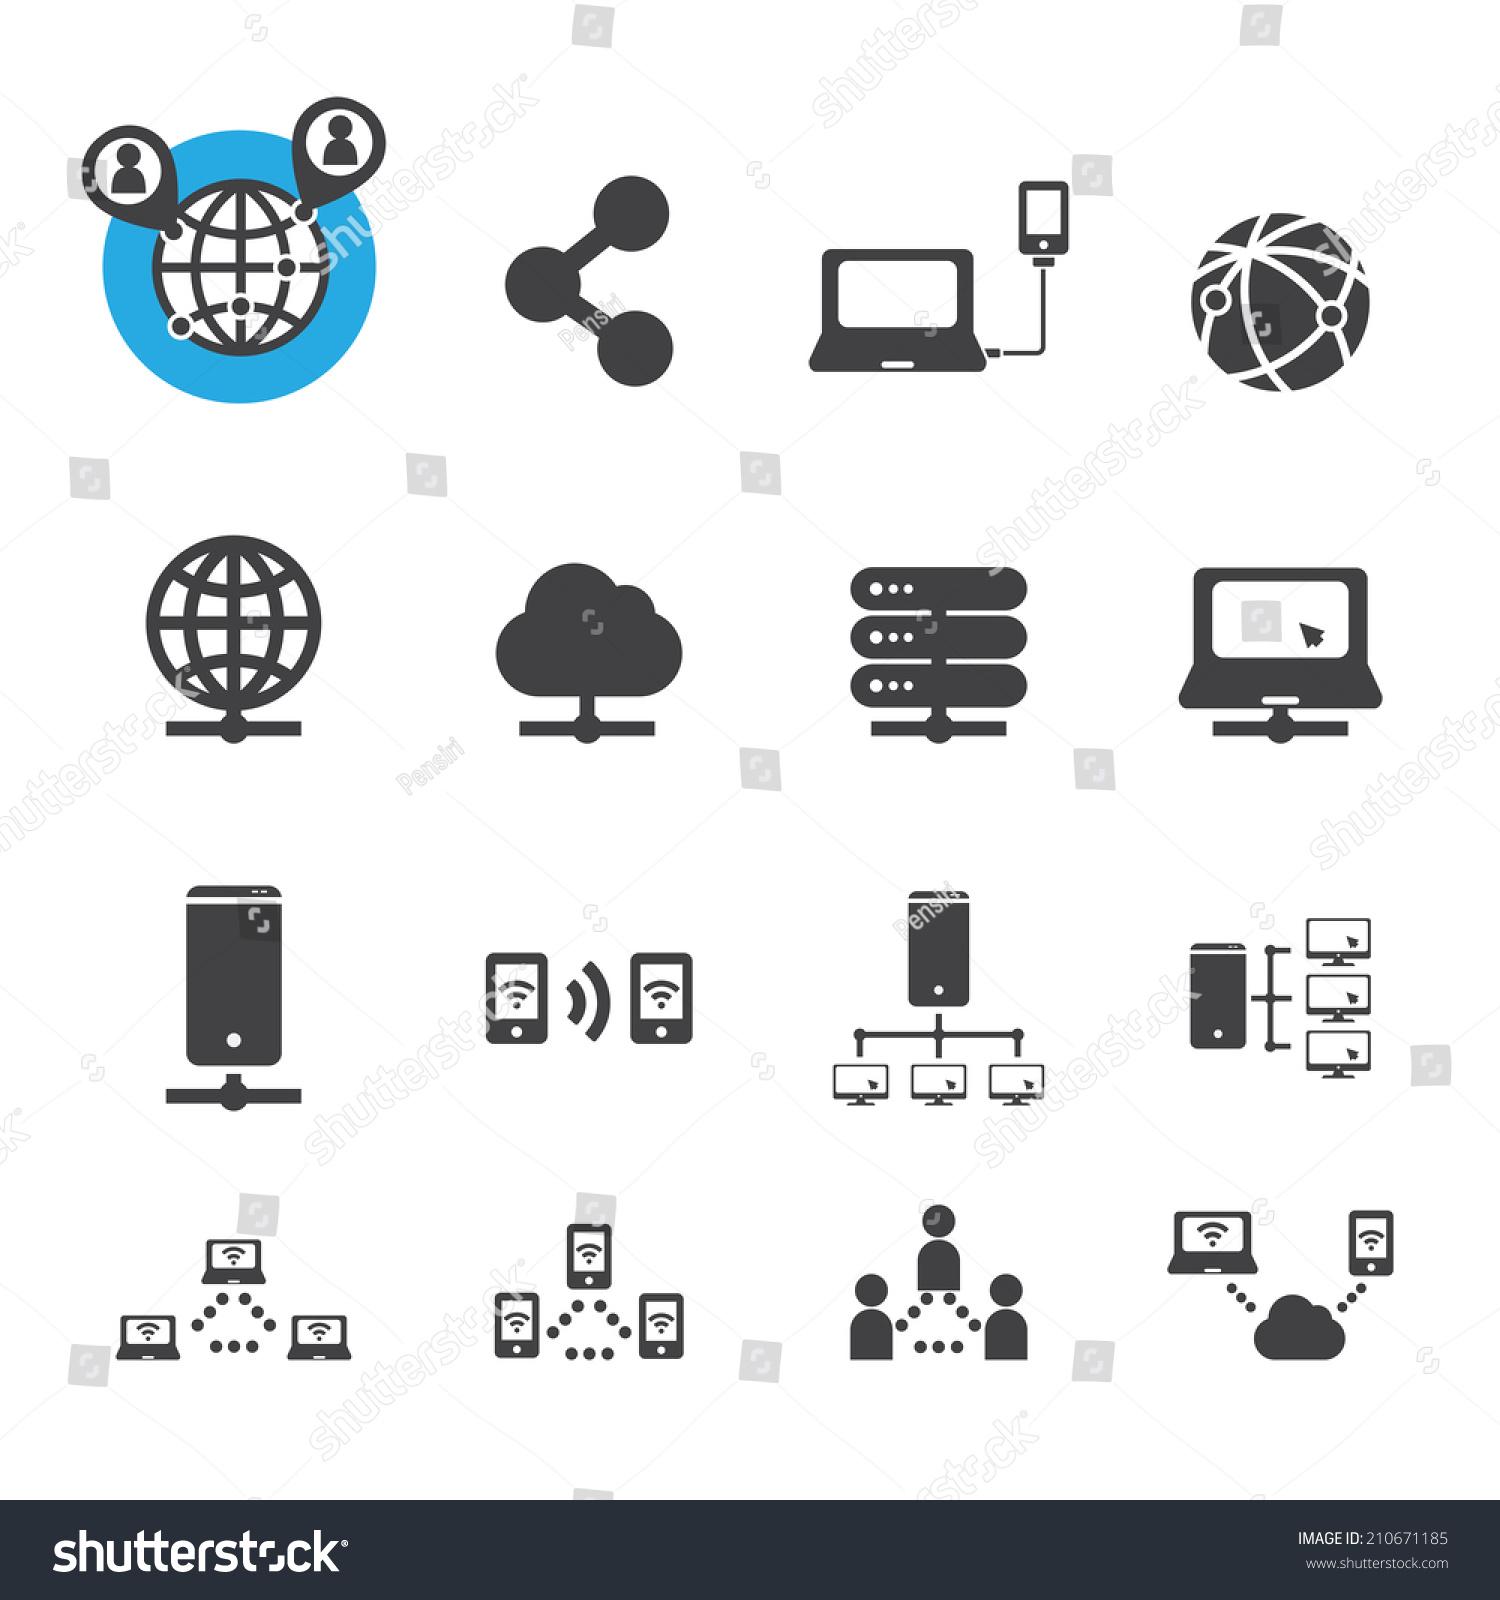 所属分类:       科技符号/标志 用途:商业用途   格式:矢量图,可以任